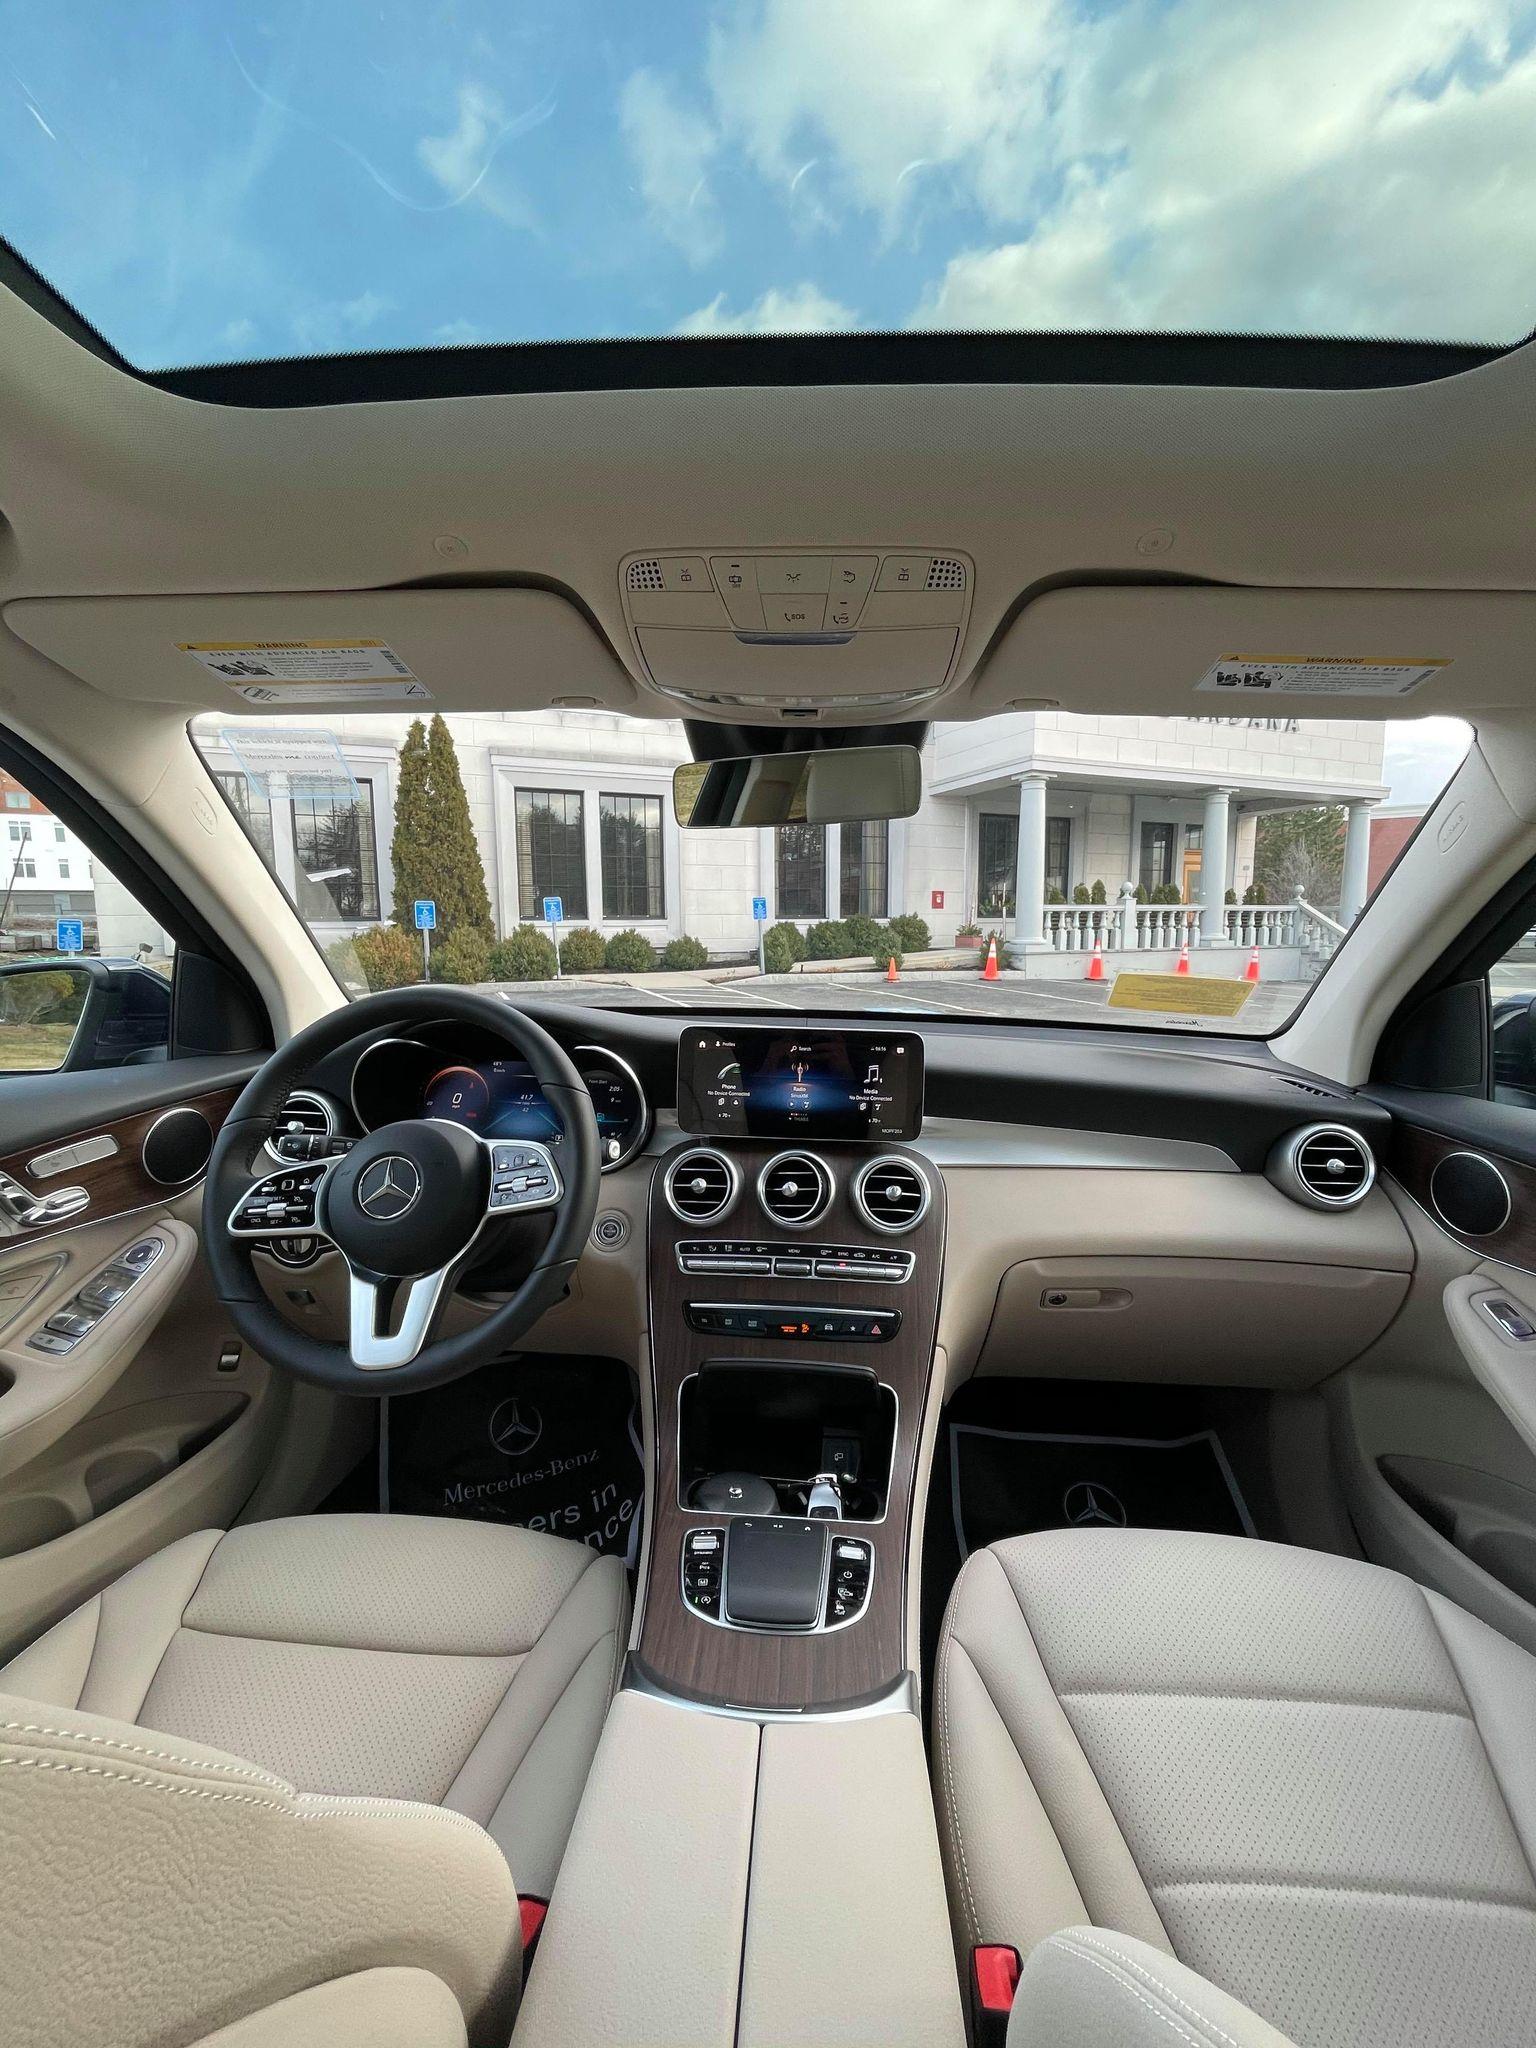 2021 Mercedes Benz GLC Interior